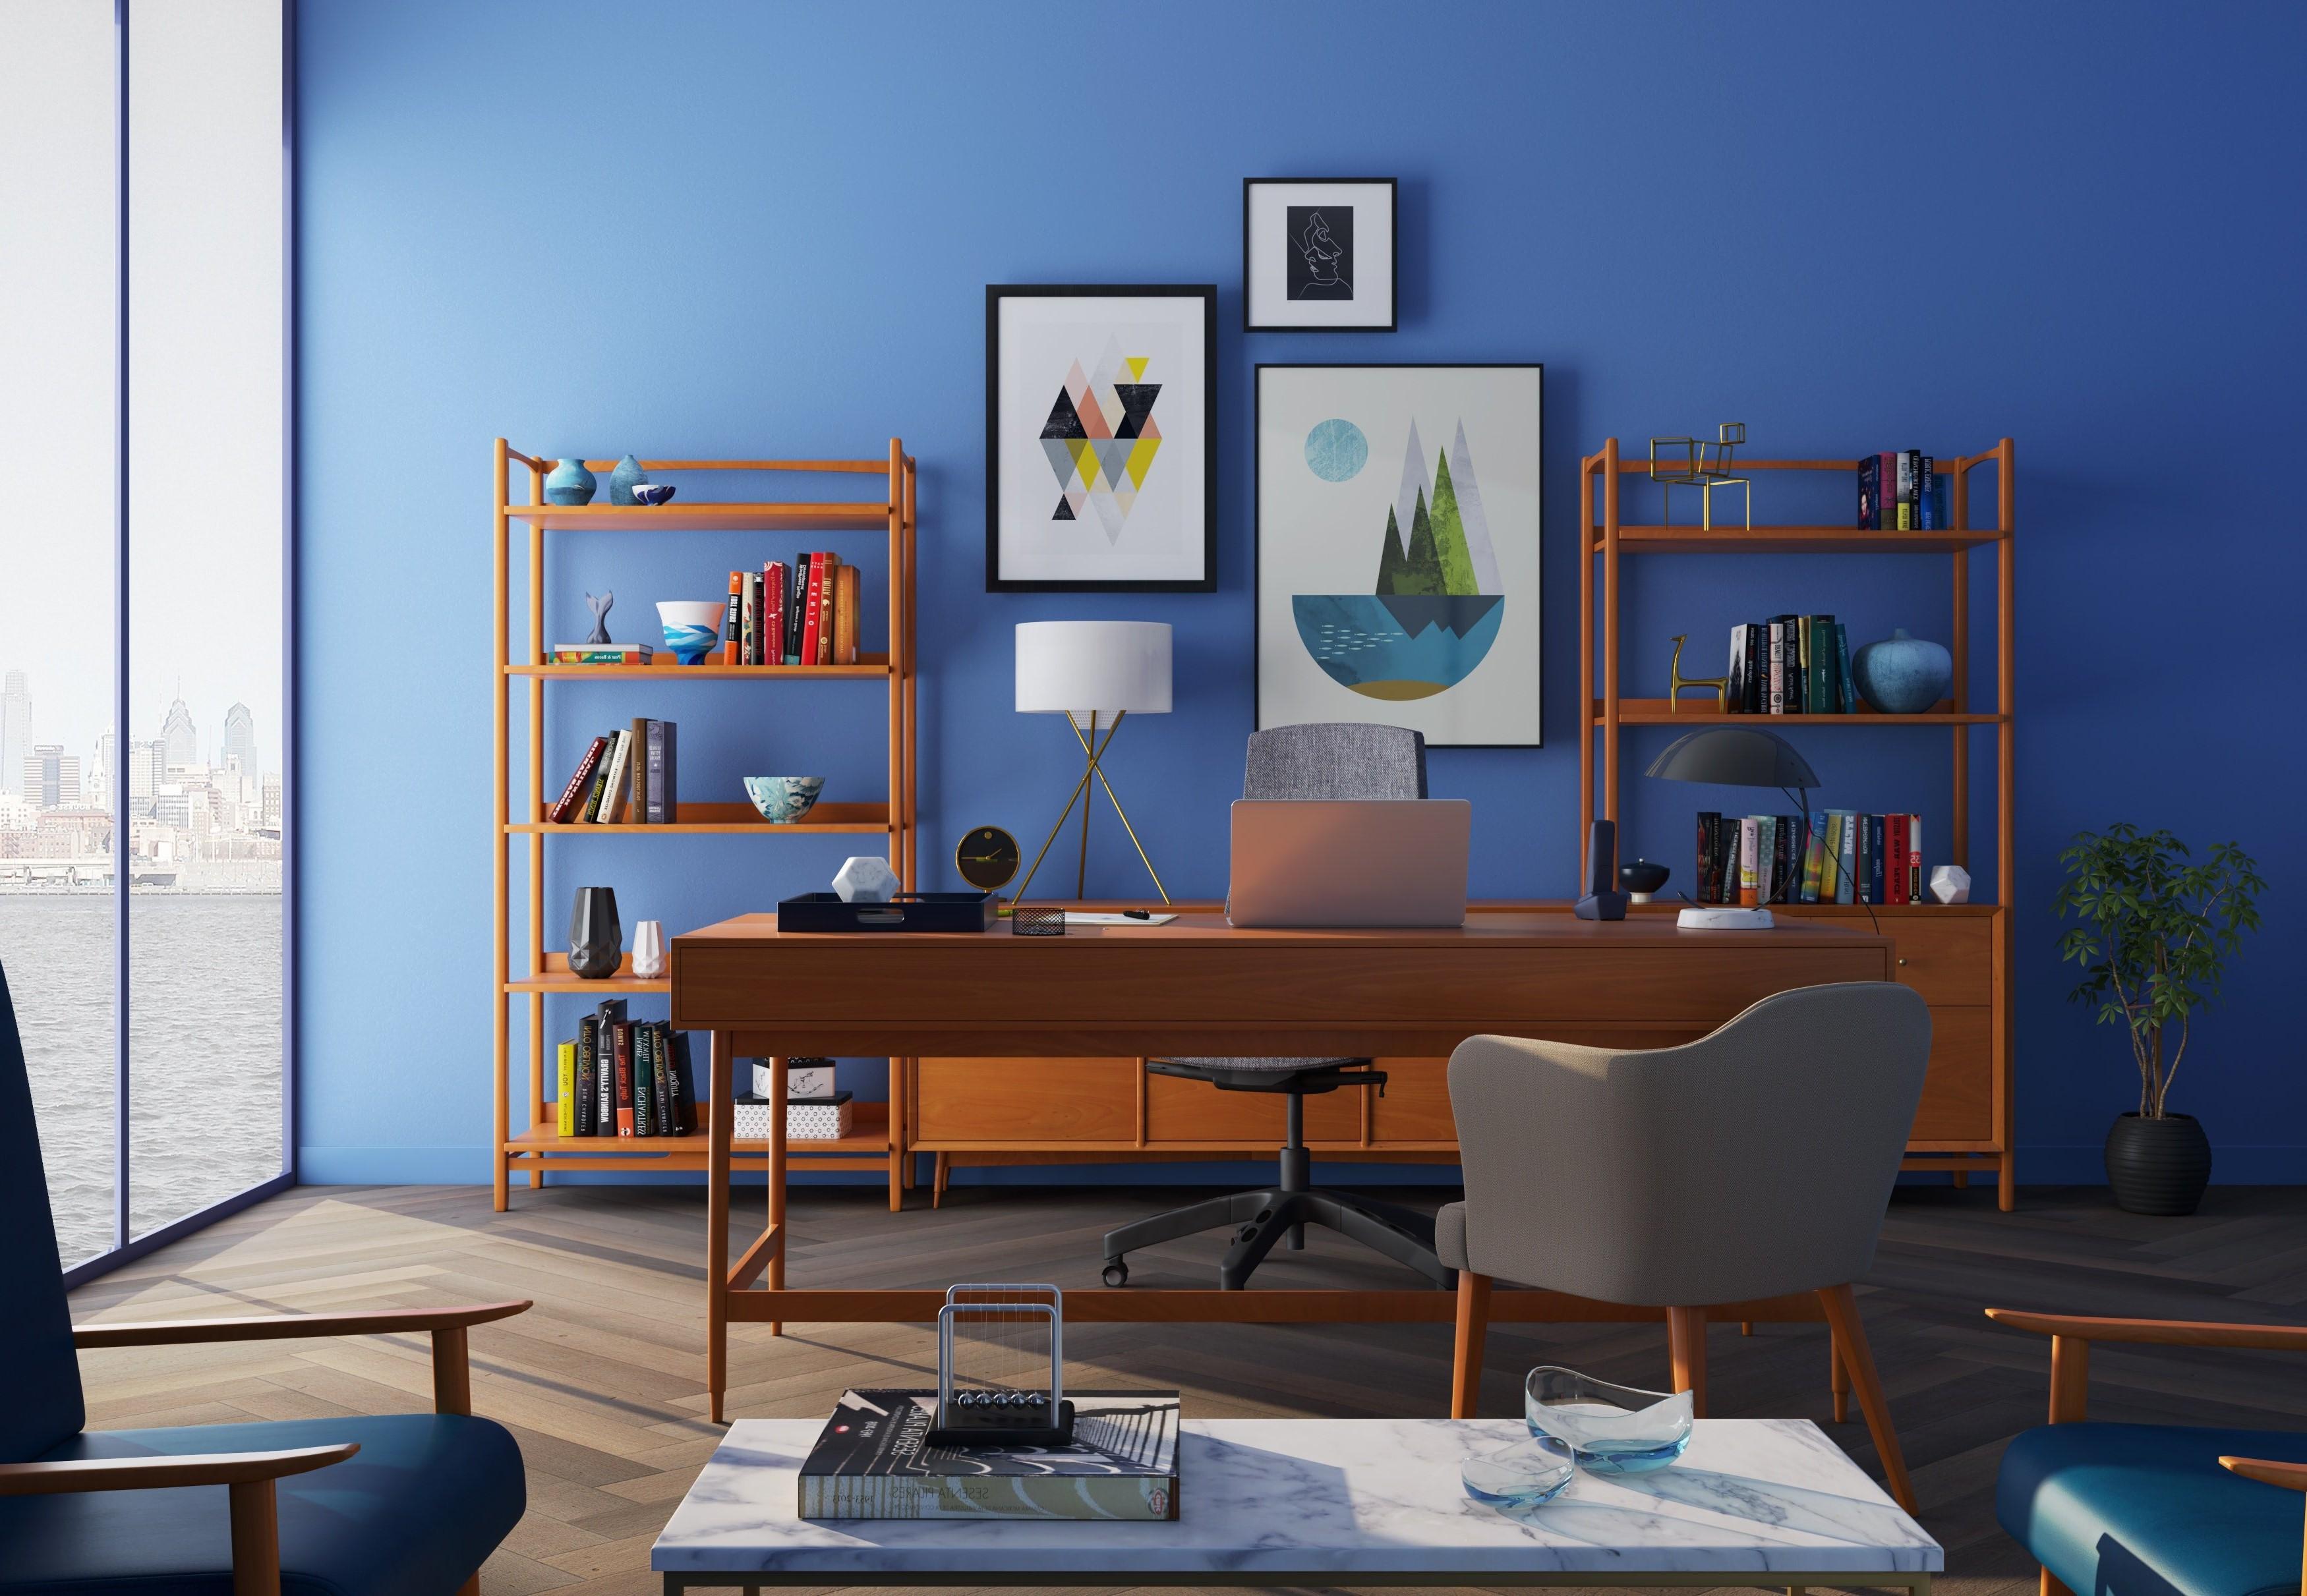 Par exemple, vous pouvez peindre le mur dans votre couleur préférée.